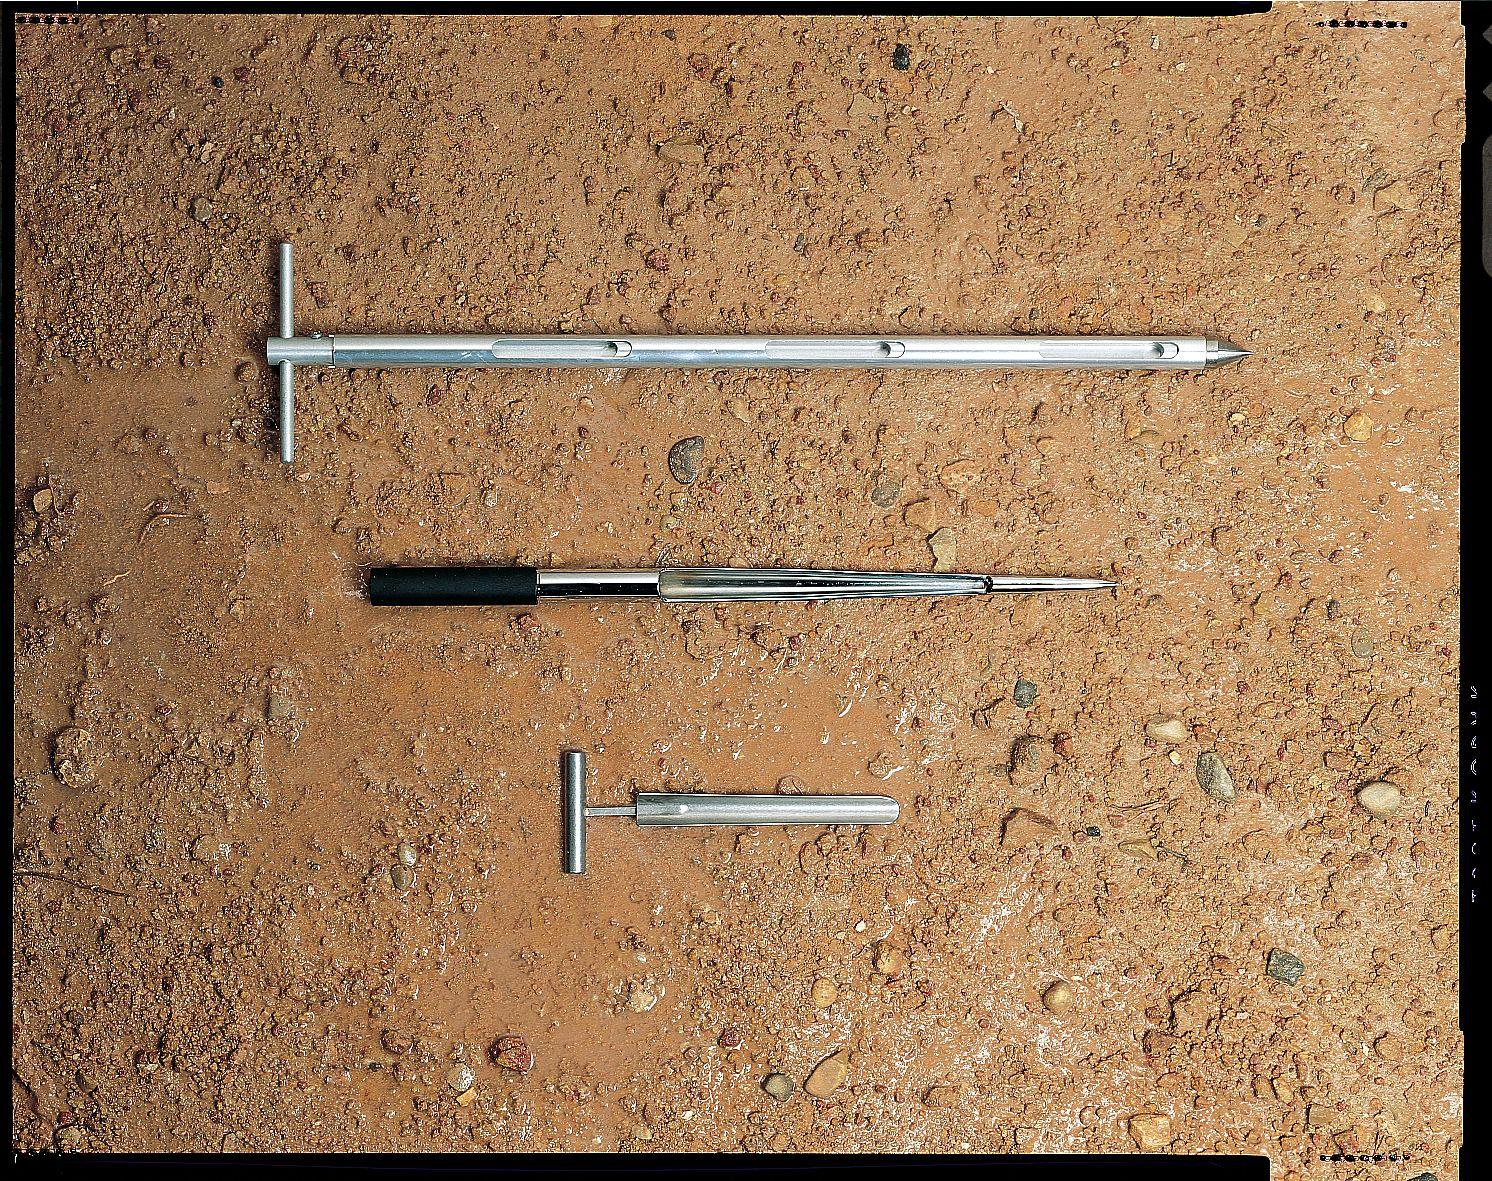 Bel-Art - H378260000 - Sampler Tapered Plug at Sears.com